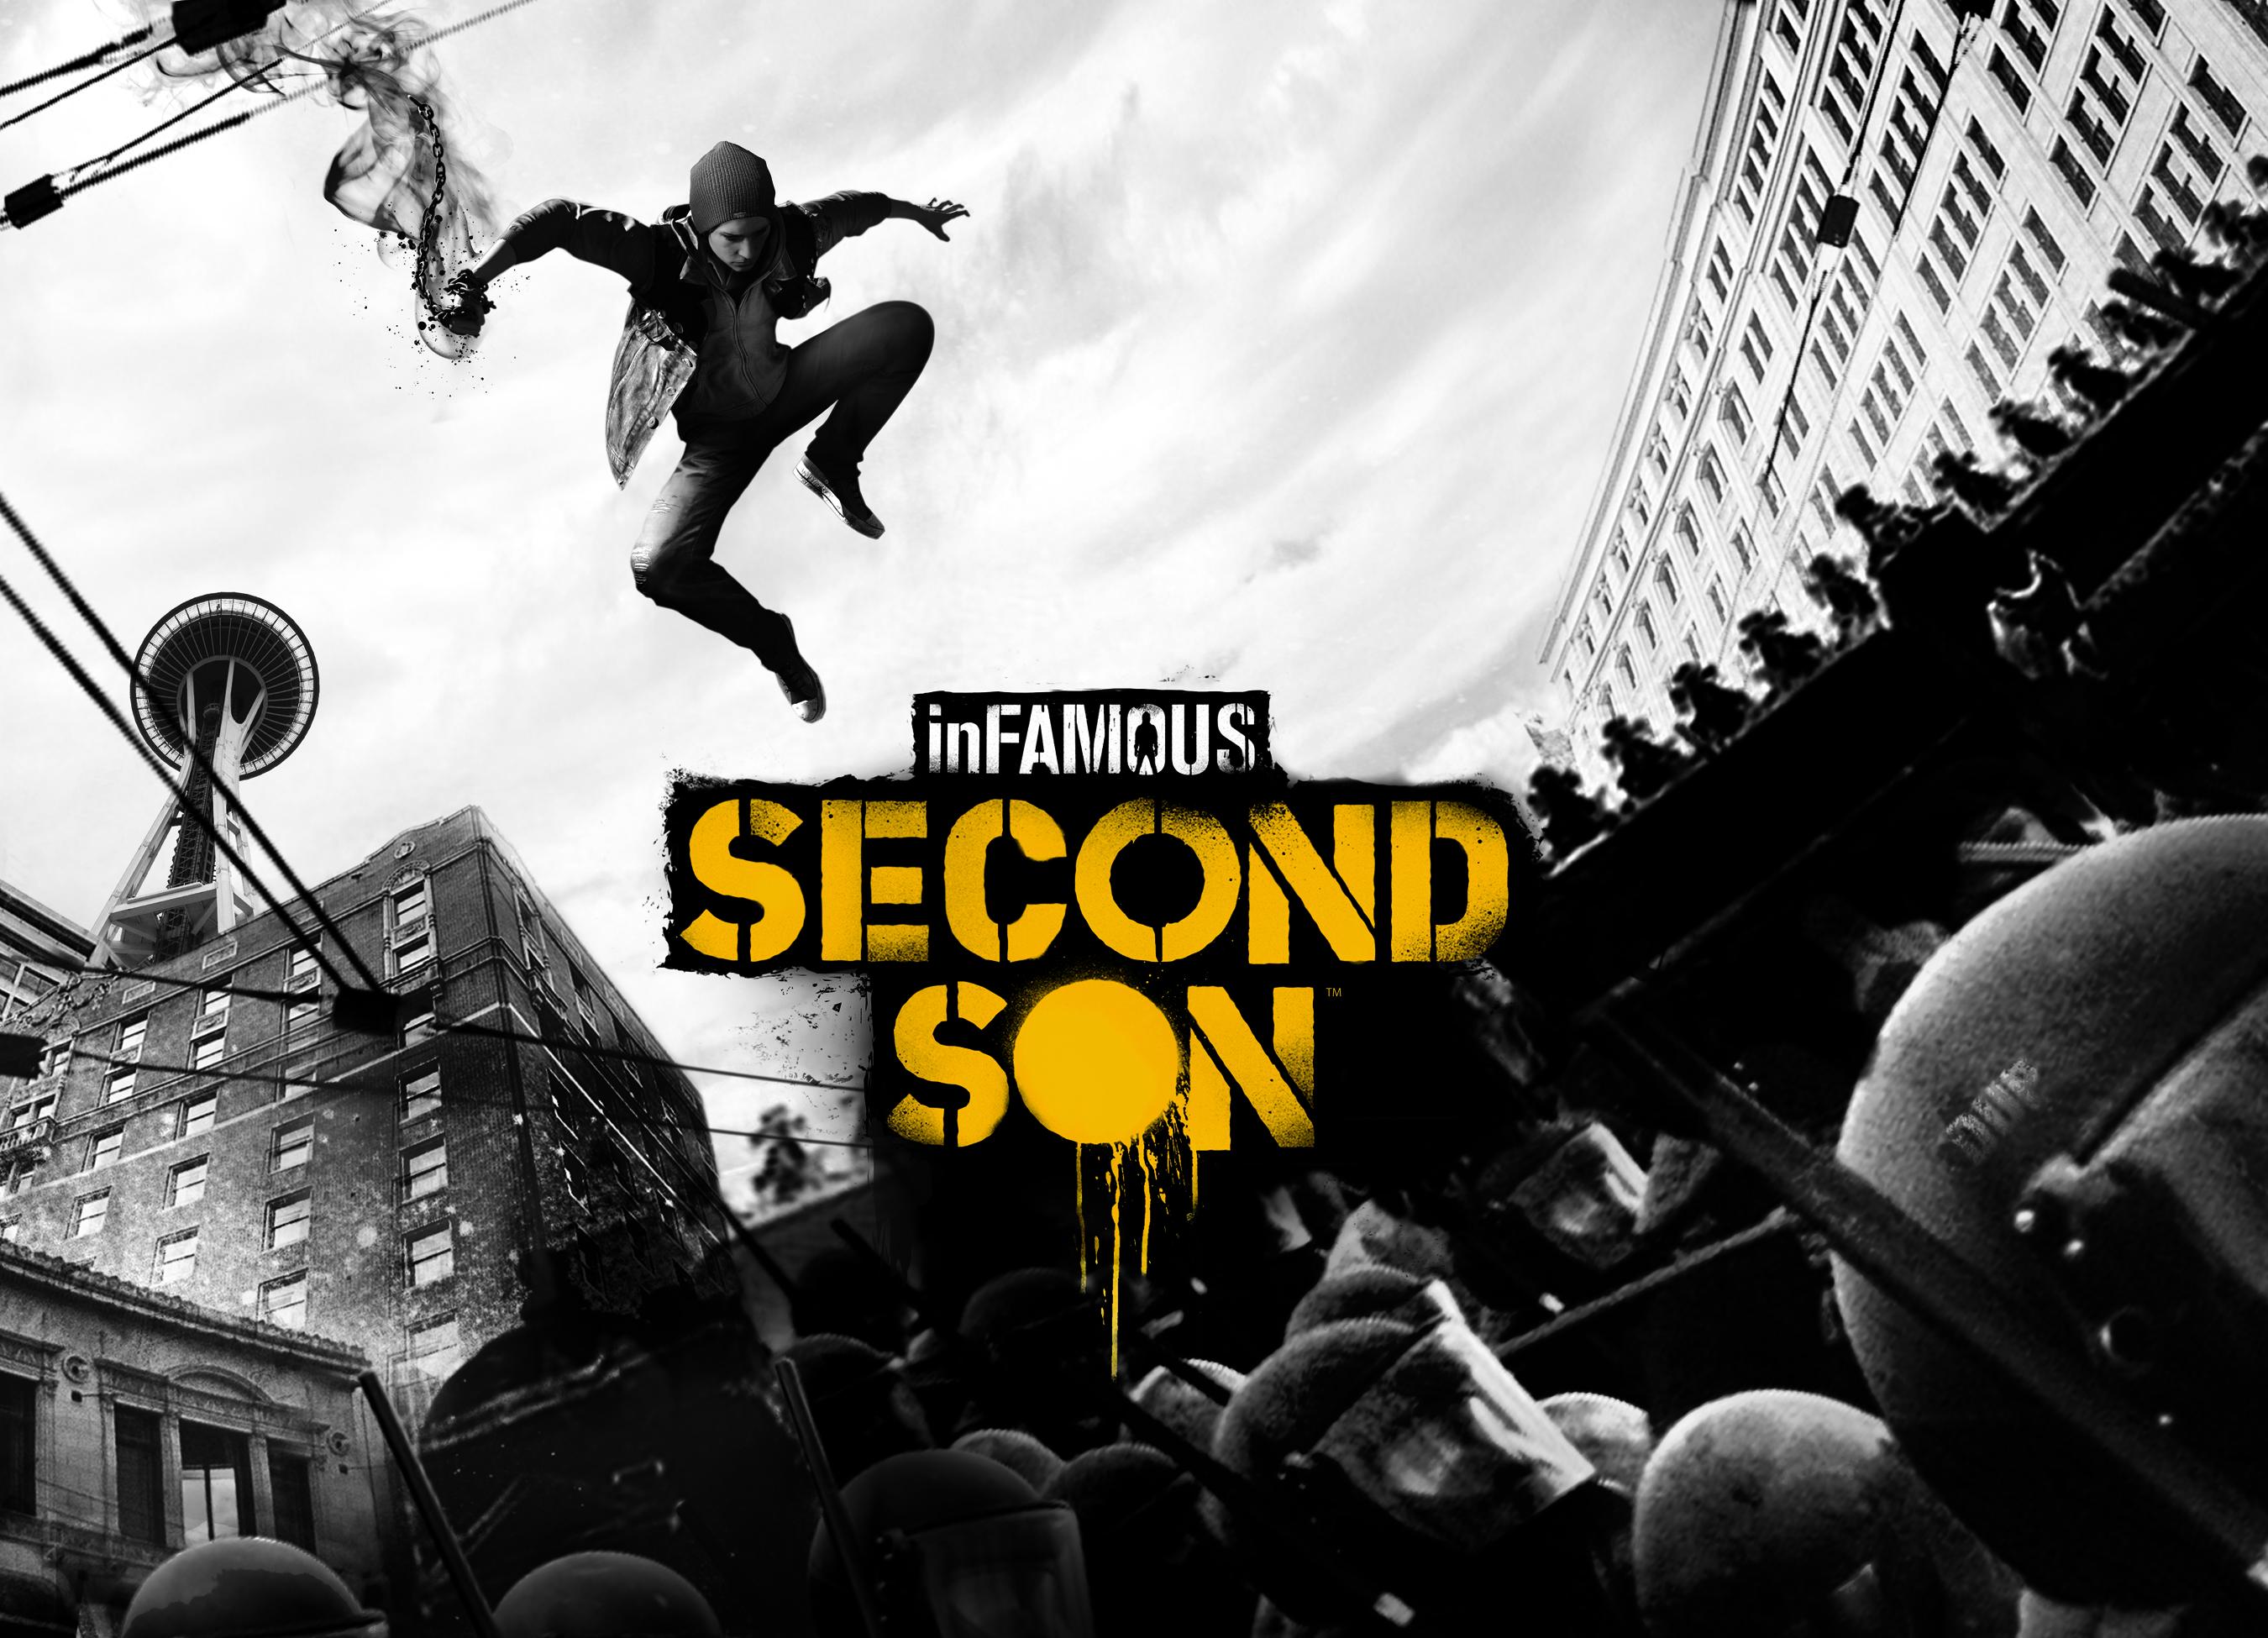 InFAMOUS: Second Son Backgrounds, Compatible - PC, Mobile, Gadgets| 2700x1950 px